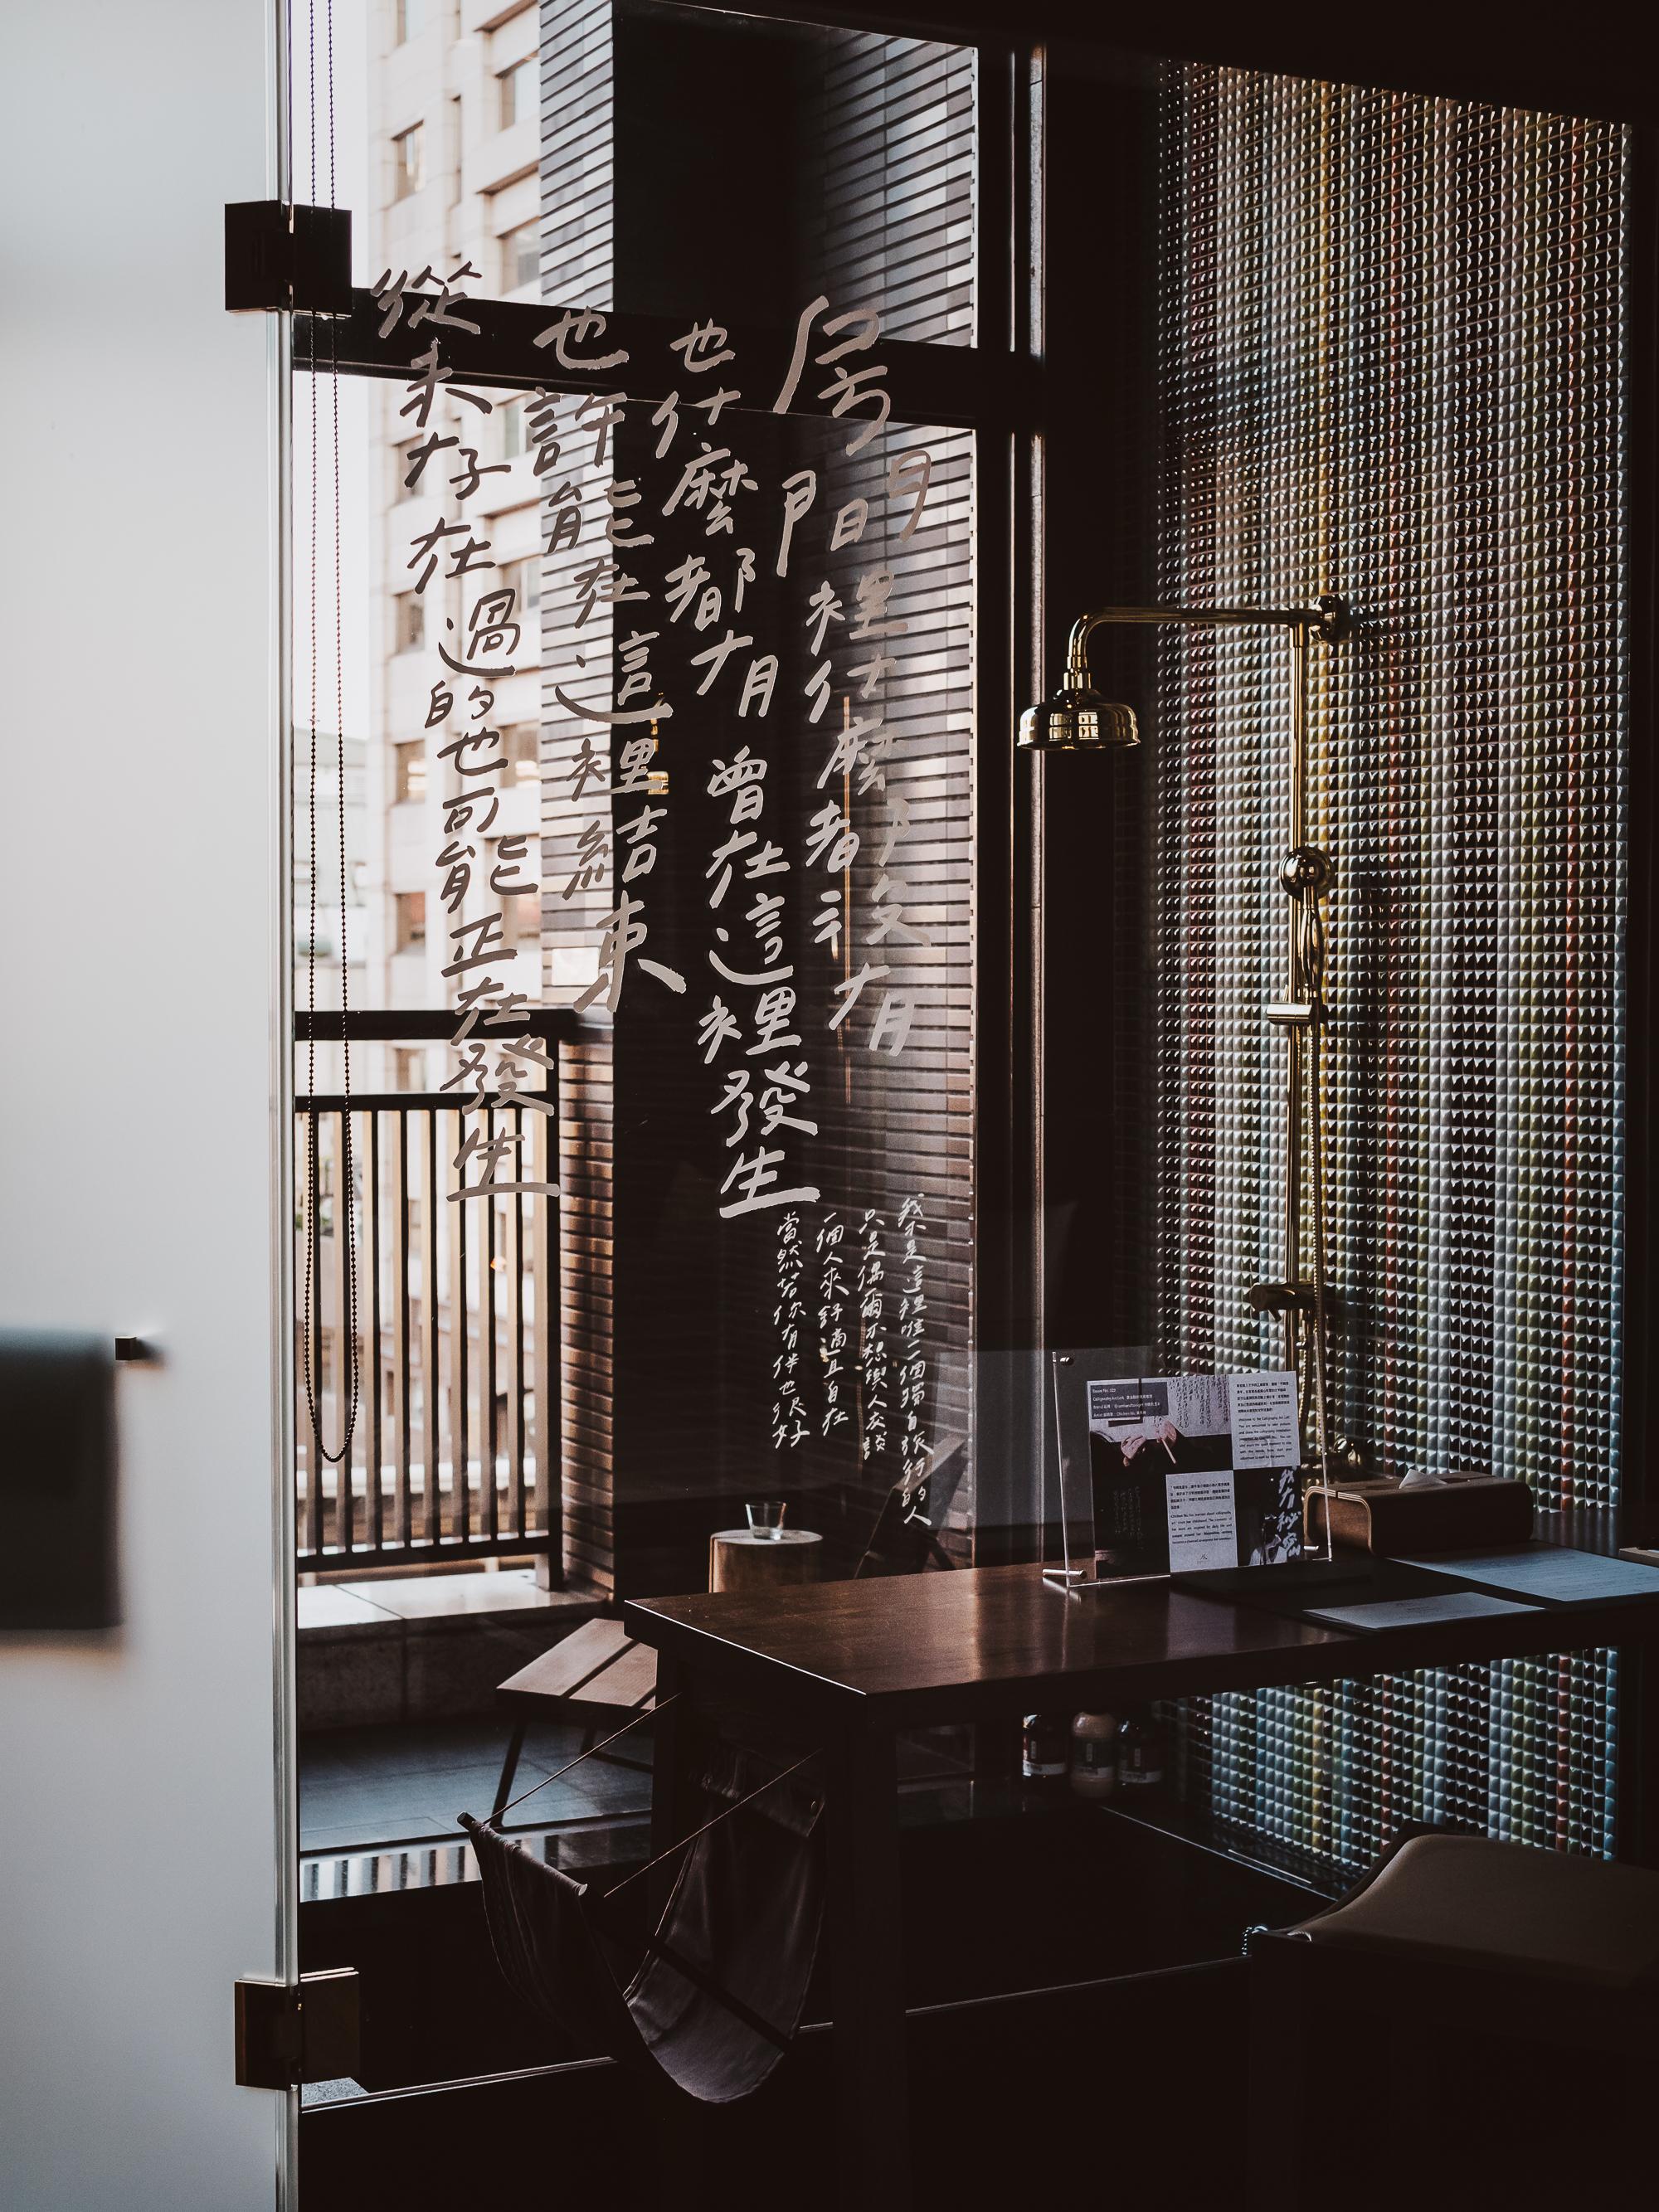 Home Hotel Da-An Interior Photography - Olympus EM1Markii 2512 - Yes! Please Enjoy-13.jpg